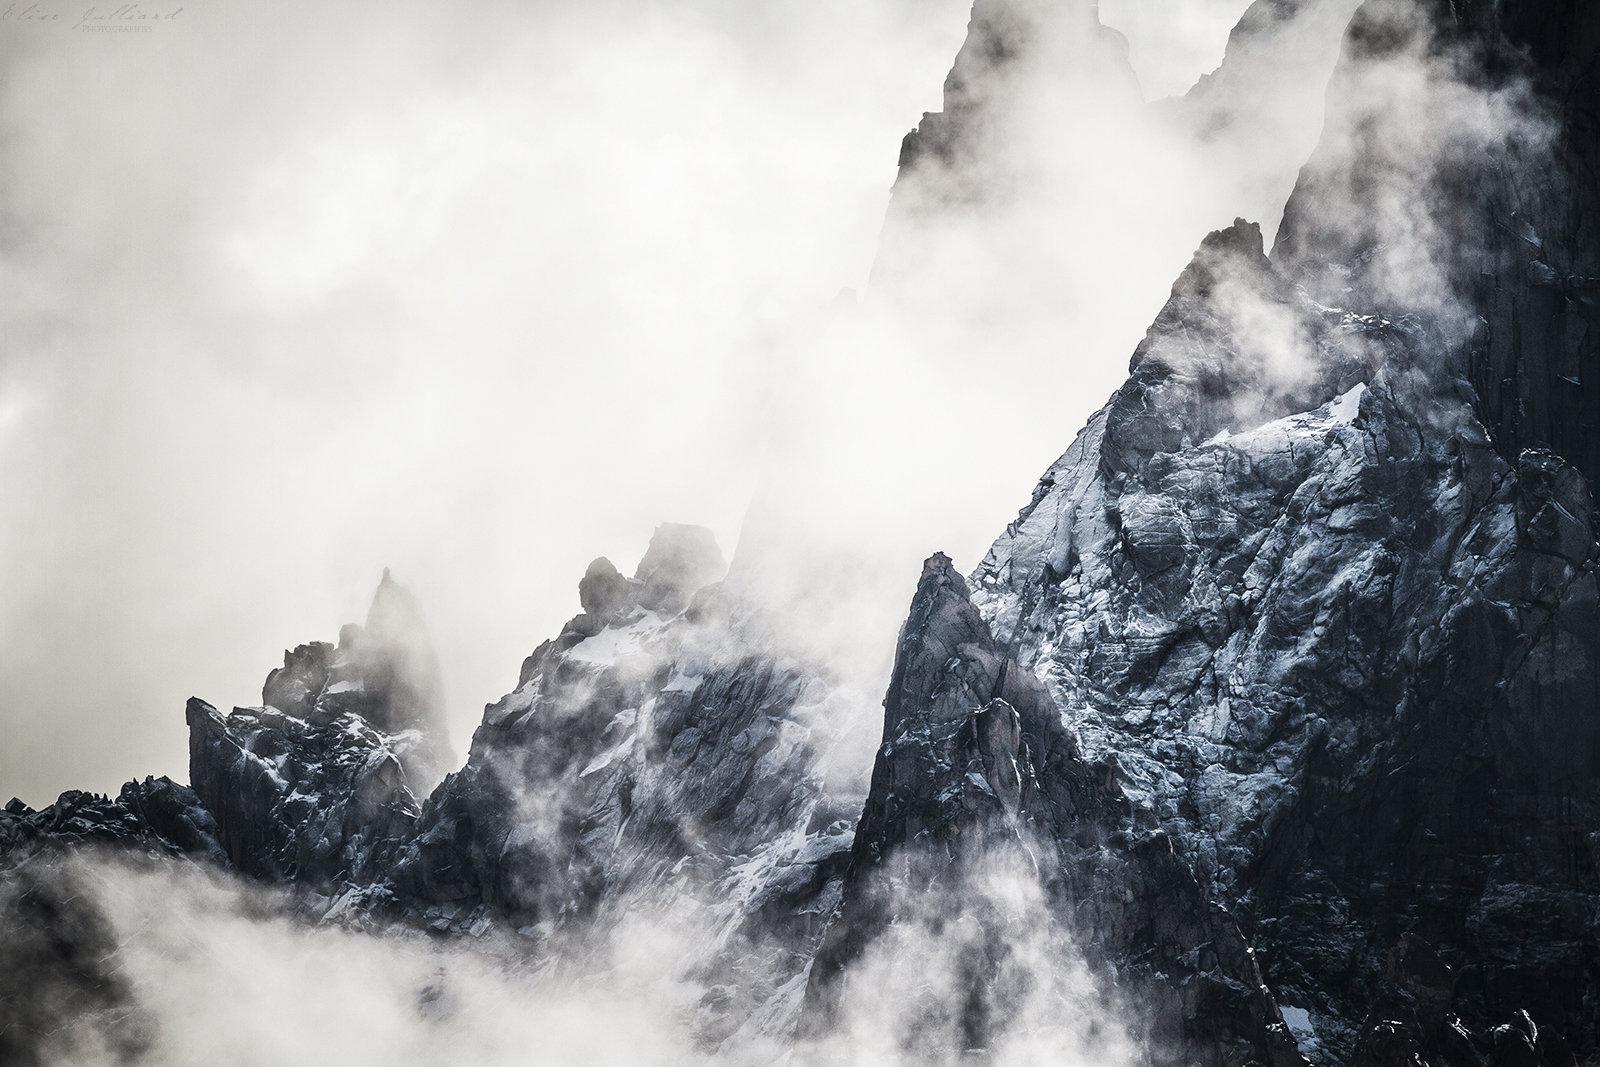 elise-julliard-photographe-photo-paysage-aiguilles-chamonix-haute-savoie